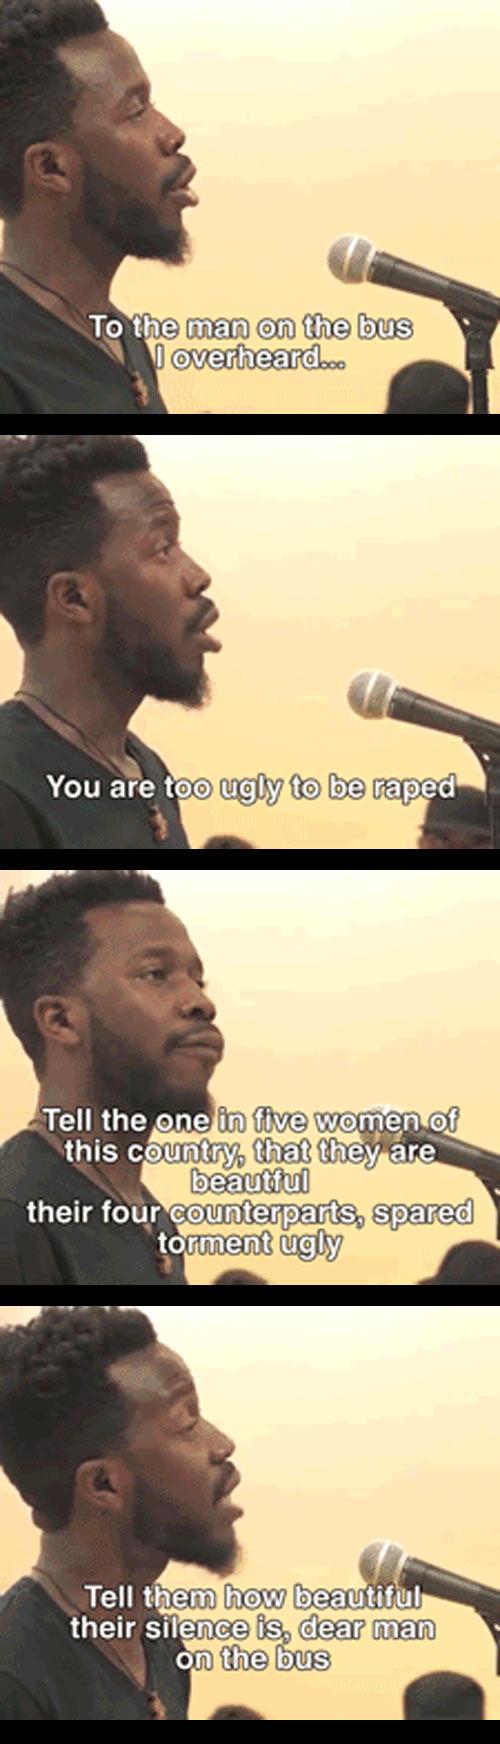 cool-powerful-words-man-speech